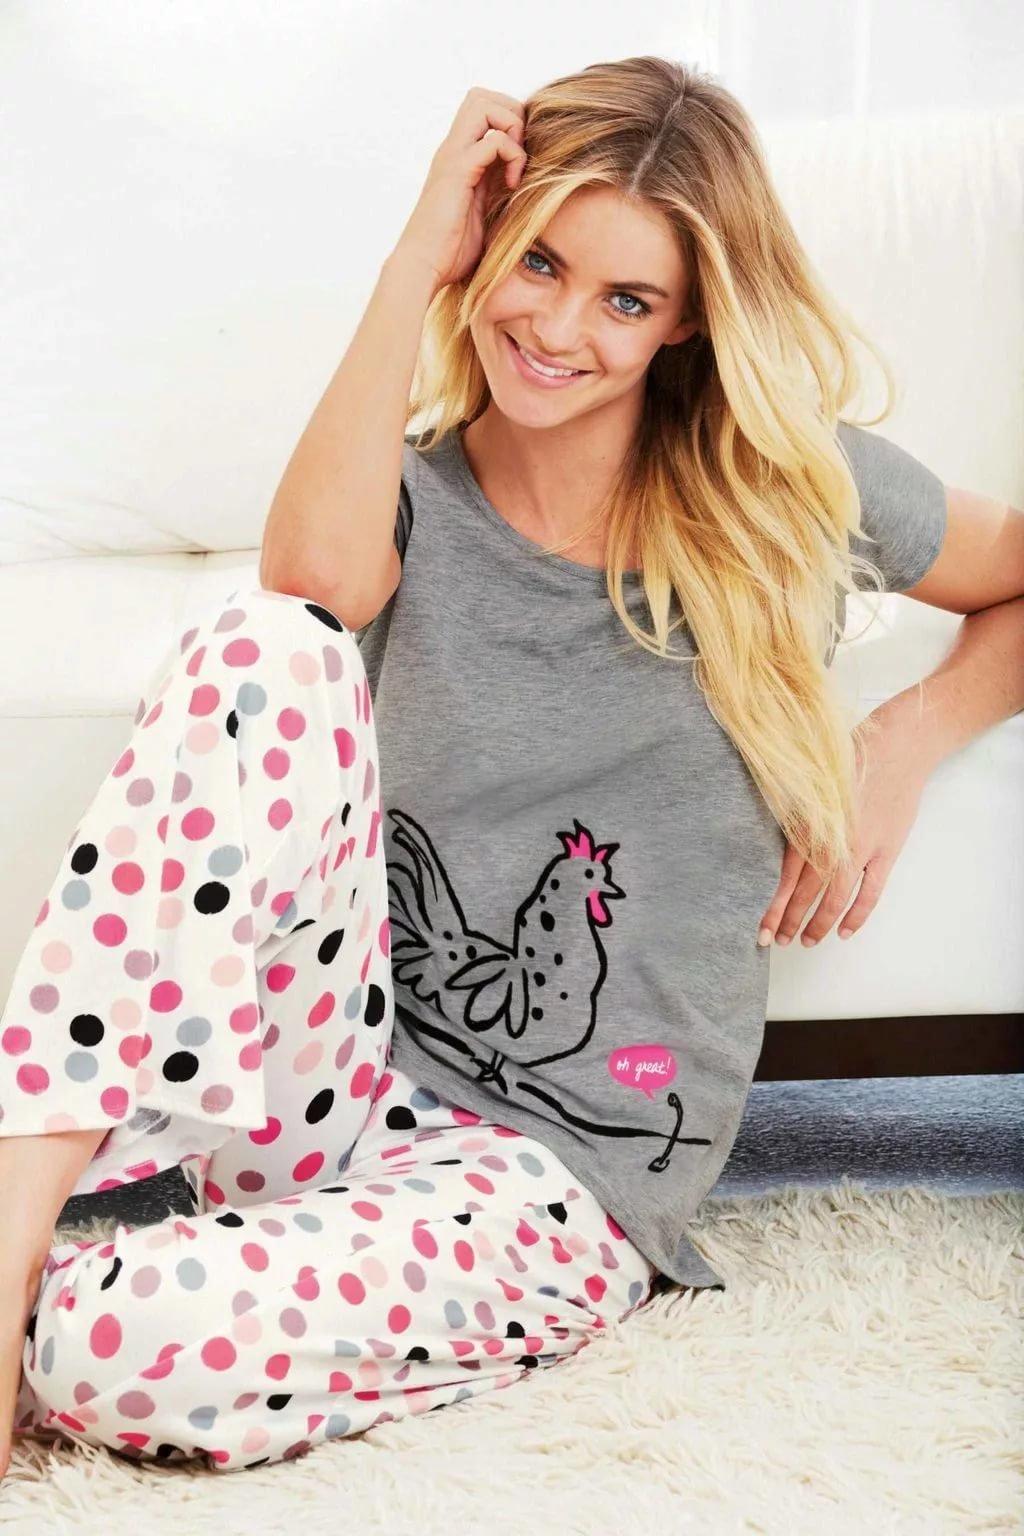 фотография девушки в пижаме увидел